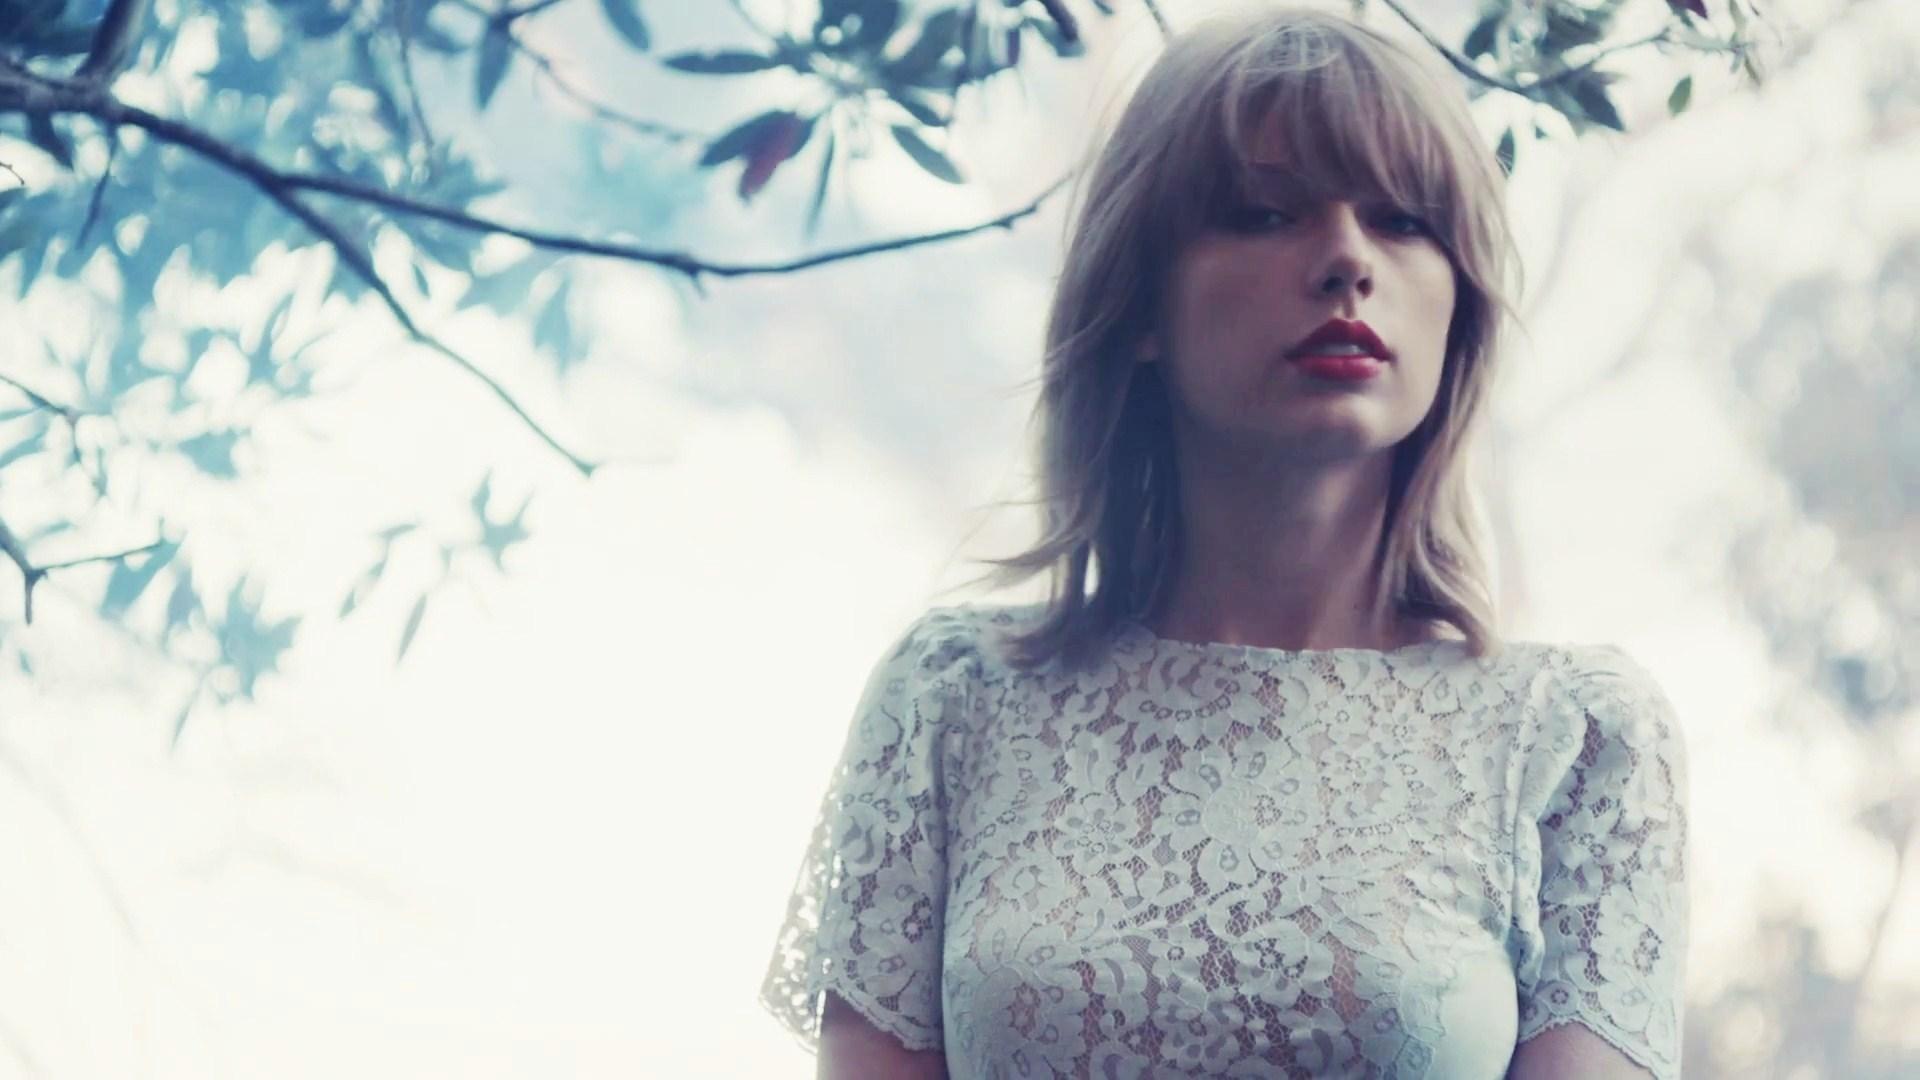 Taylor Swift HD Desktop Wallpaper